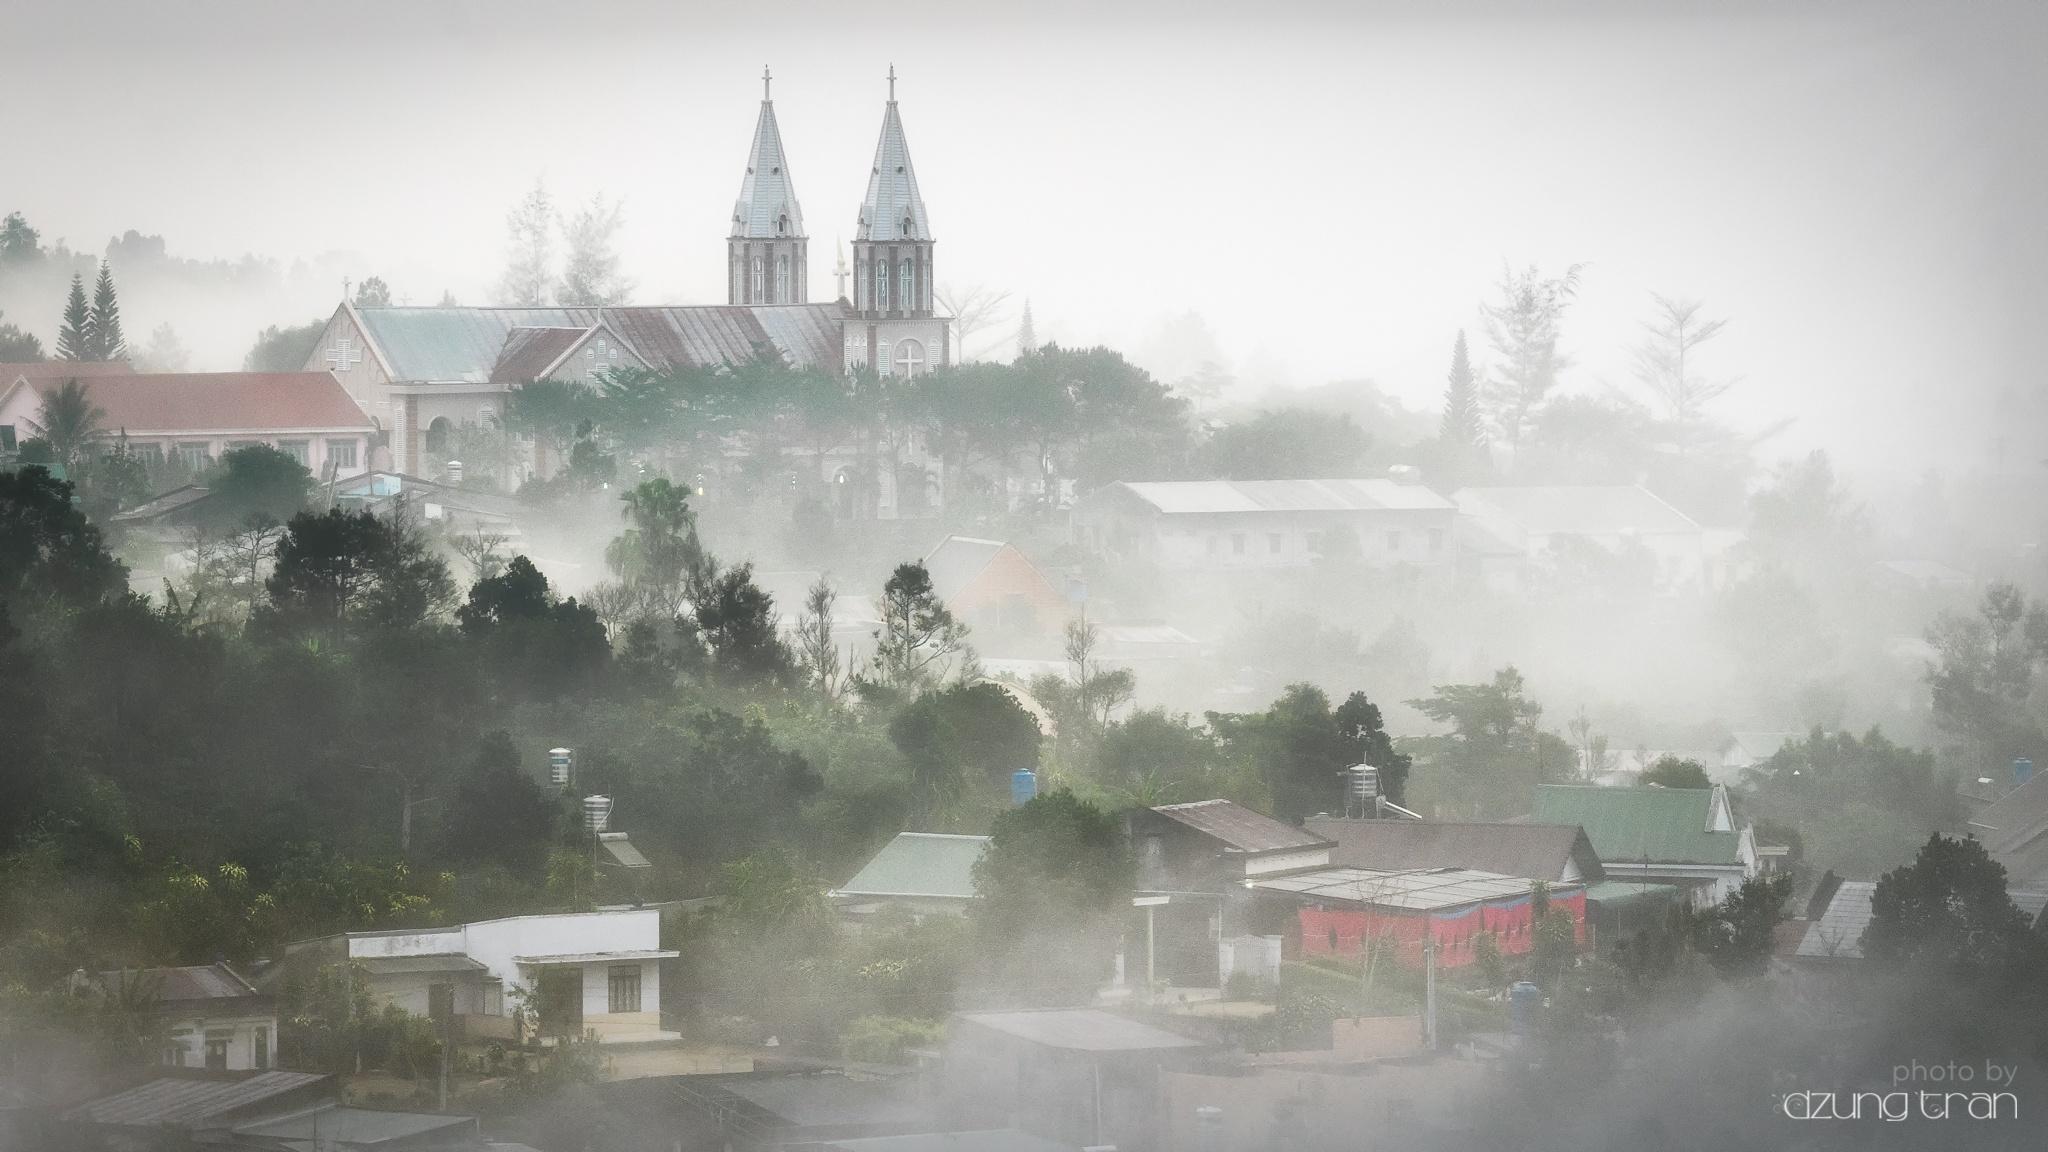 Thanh Xa Church in the mist by Dzung Tran